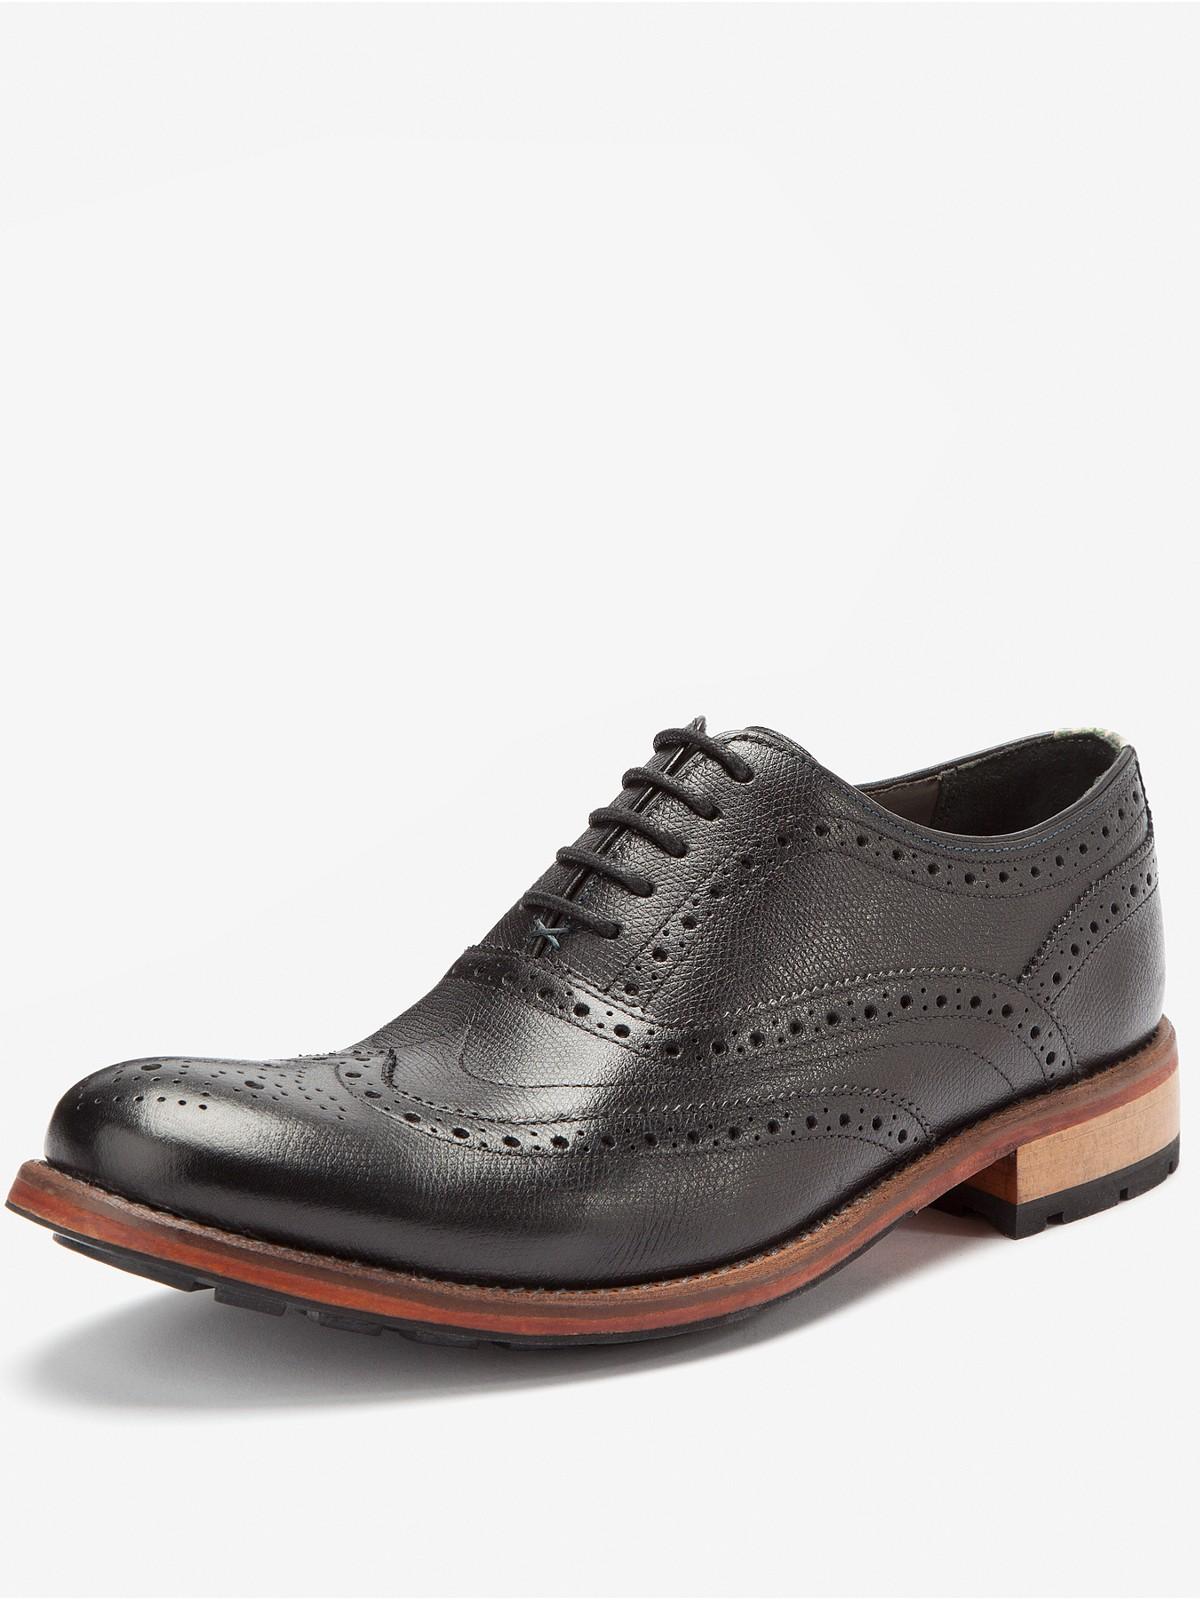 Ted Baker Black Dress Shoes